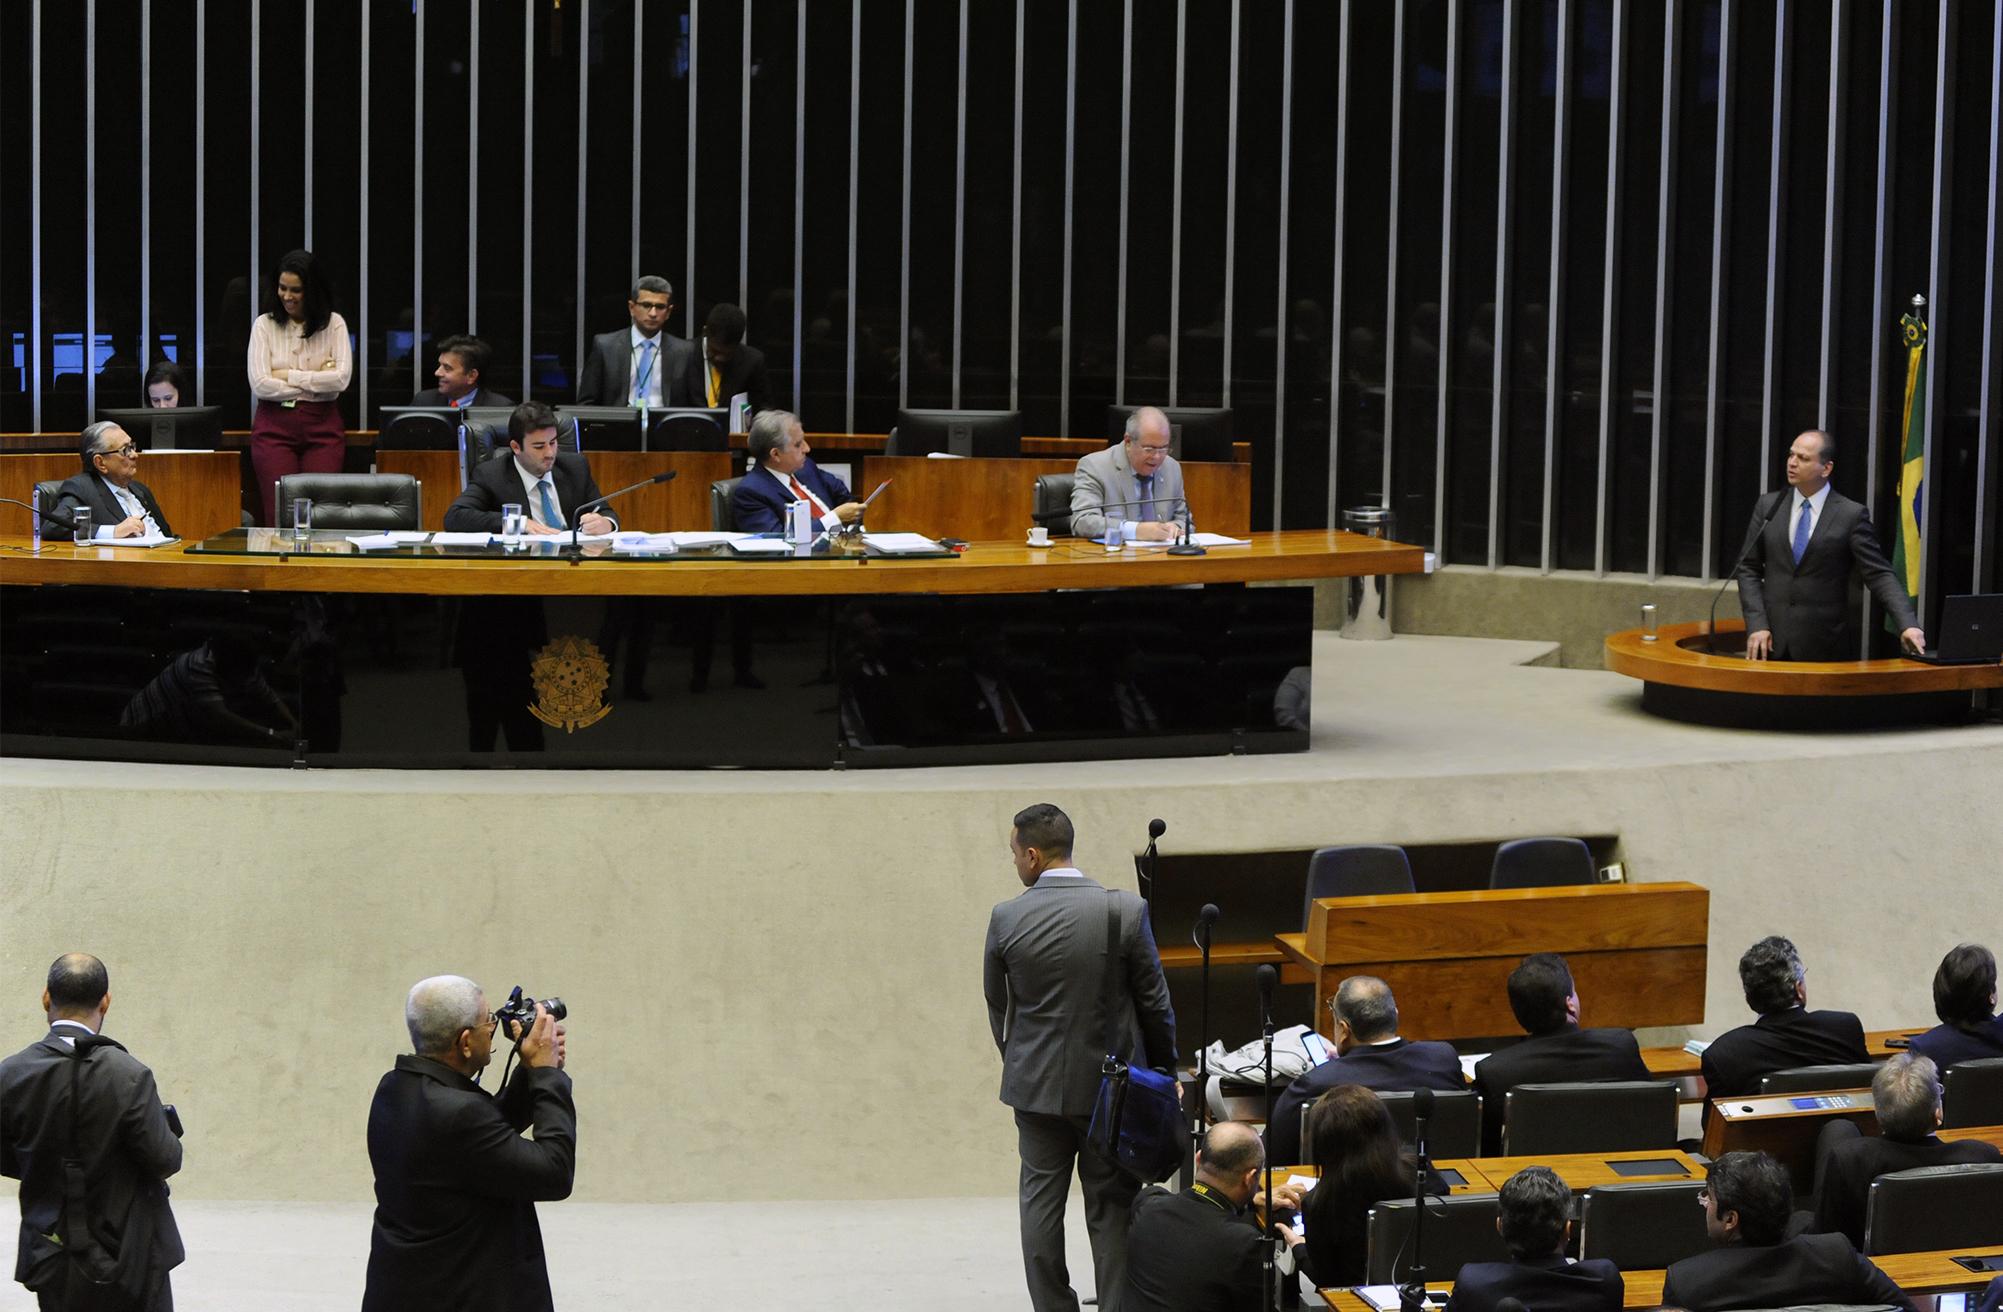 Comissão geral para debater os desafios do câncer, tratamento, enfrentamento e medicamentos